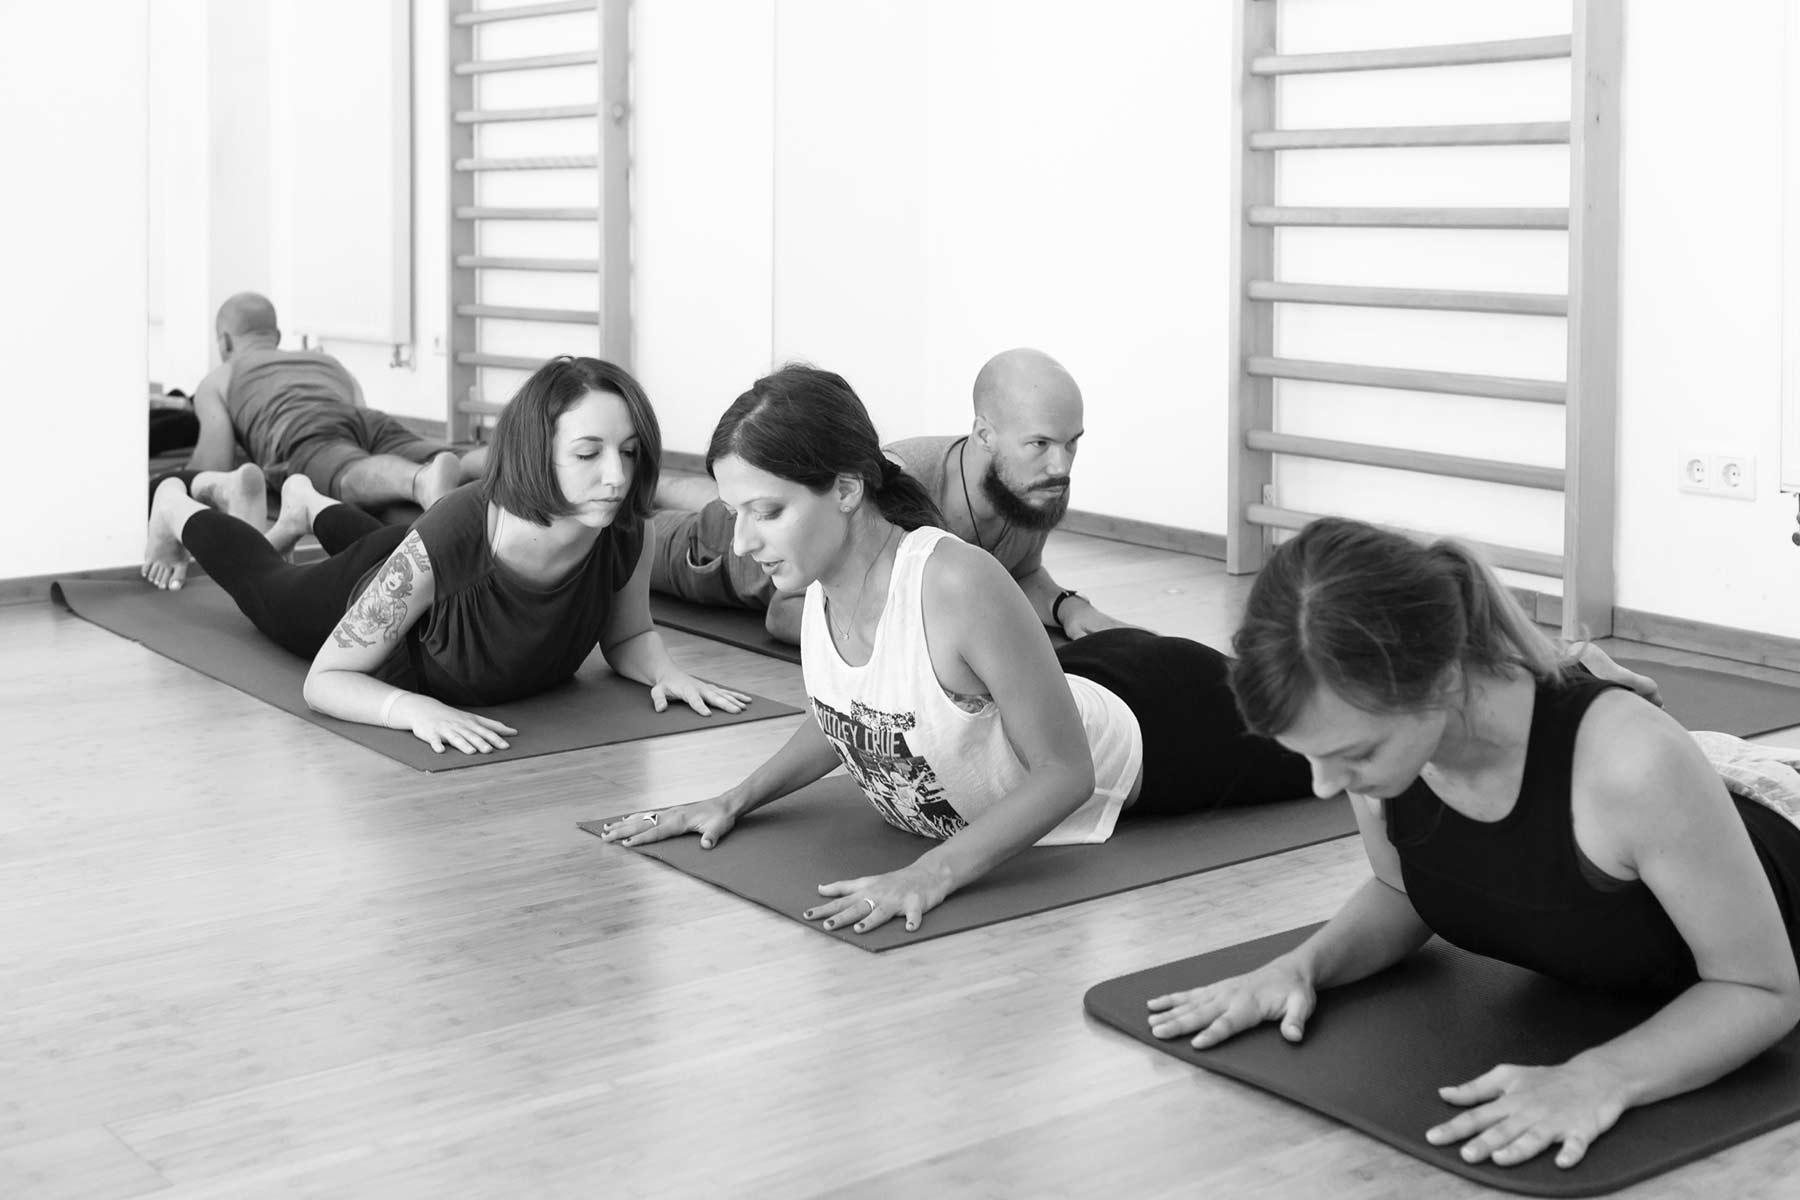 Personen liegen auf Yogamatten und machen sanfte Yogaübungen